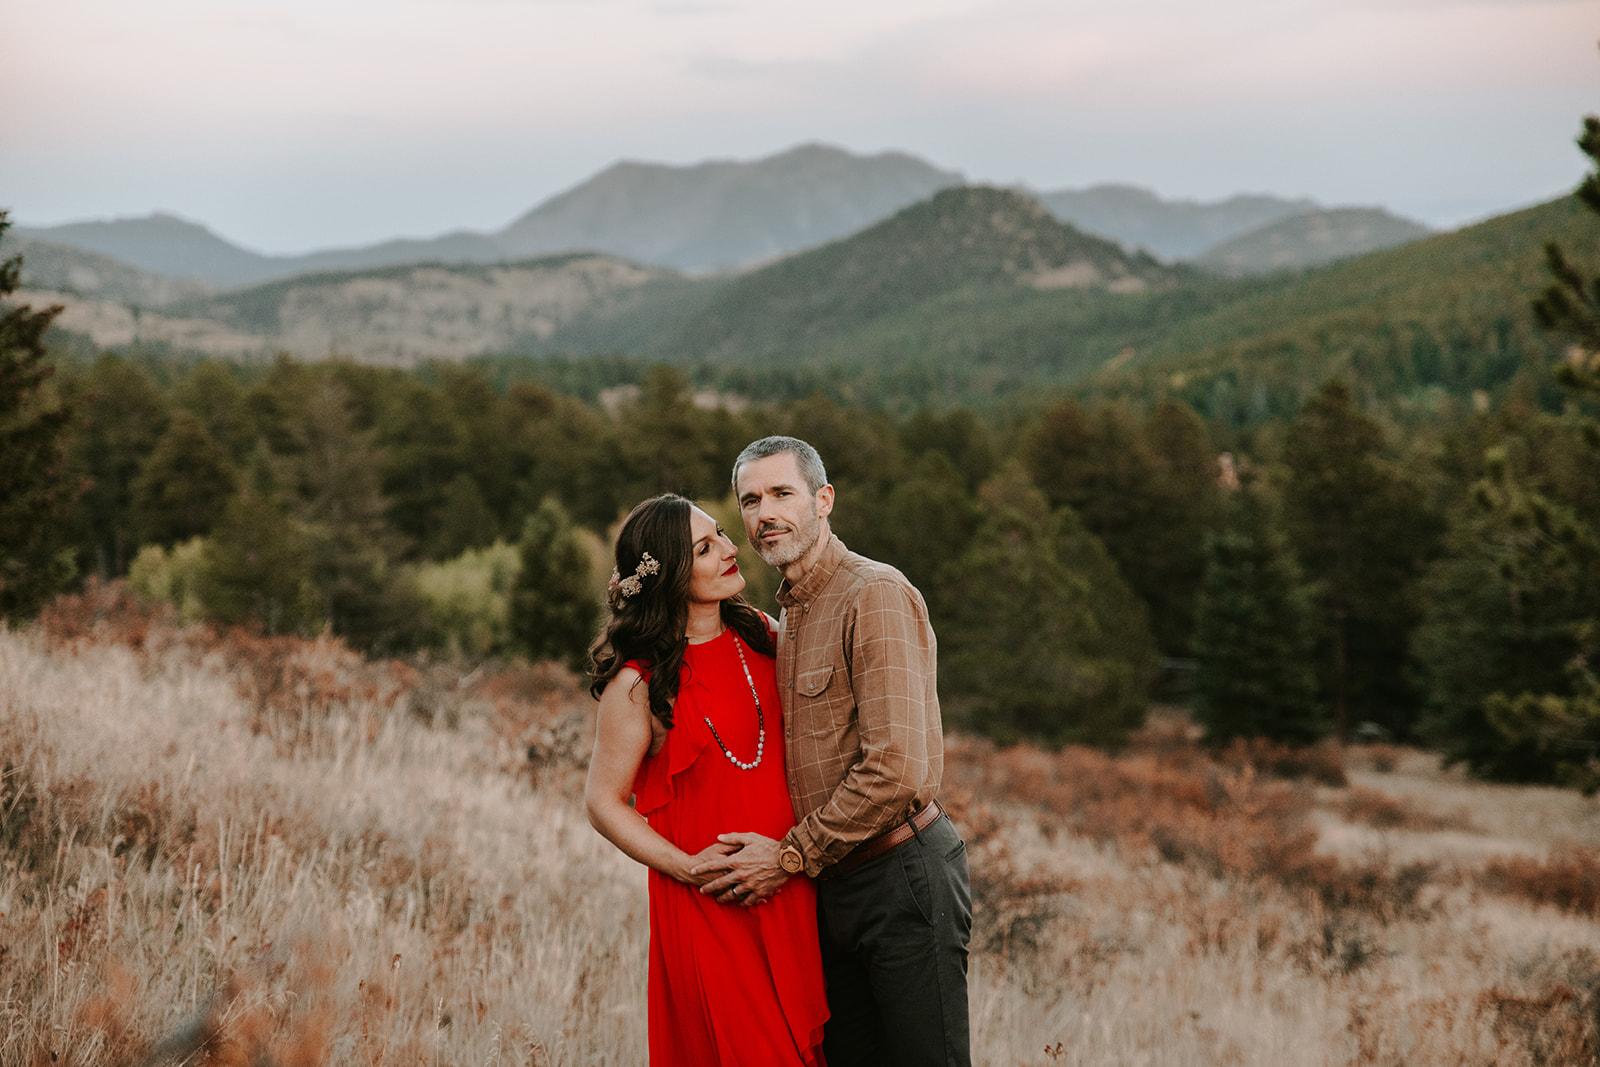 Colorado Mountain Maternity Photo Shoot